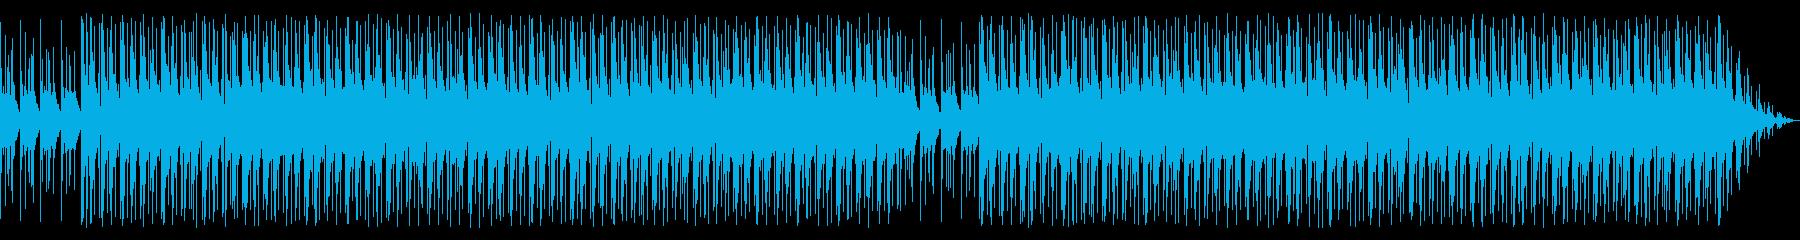 ミニマルでほのぼのとしたBGMの再生済みの波形